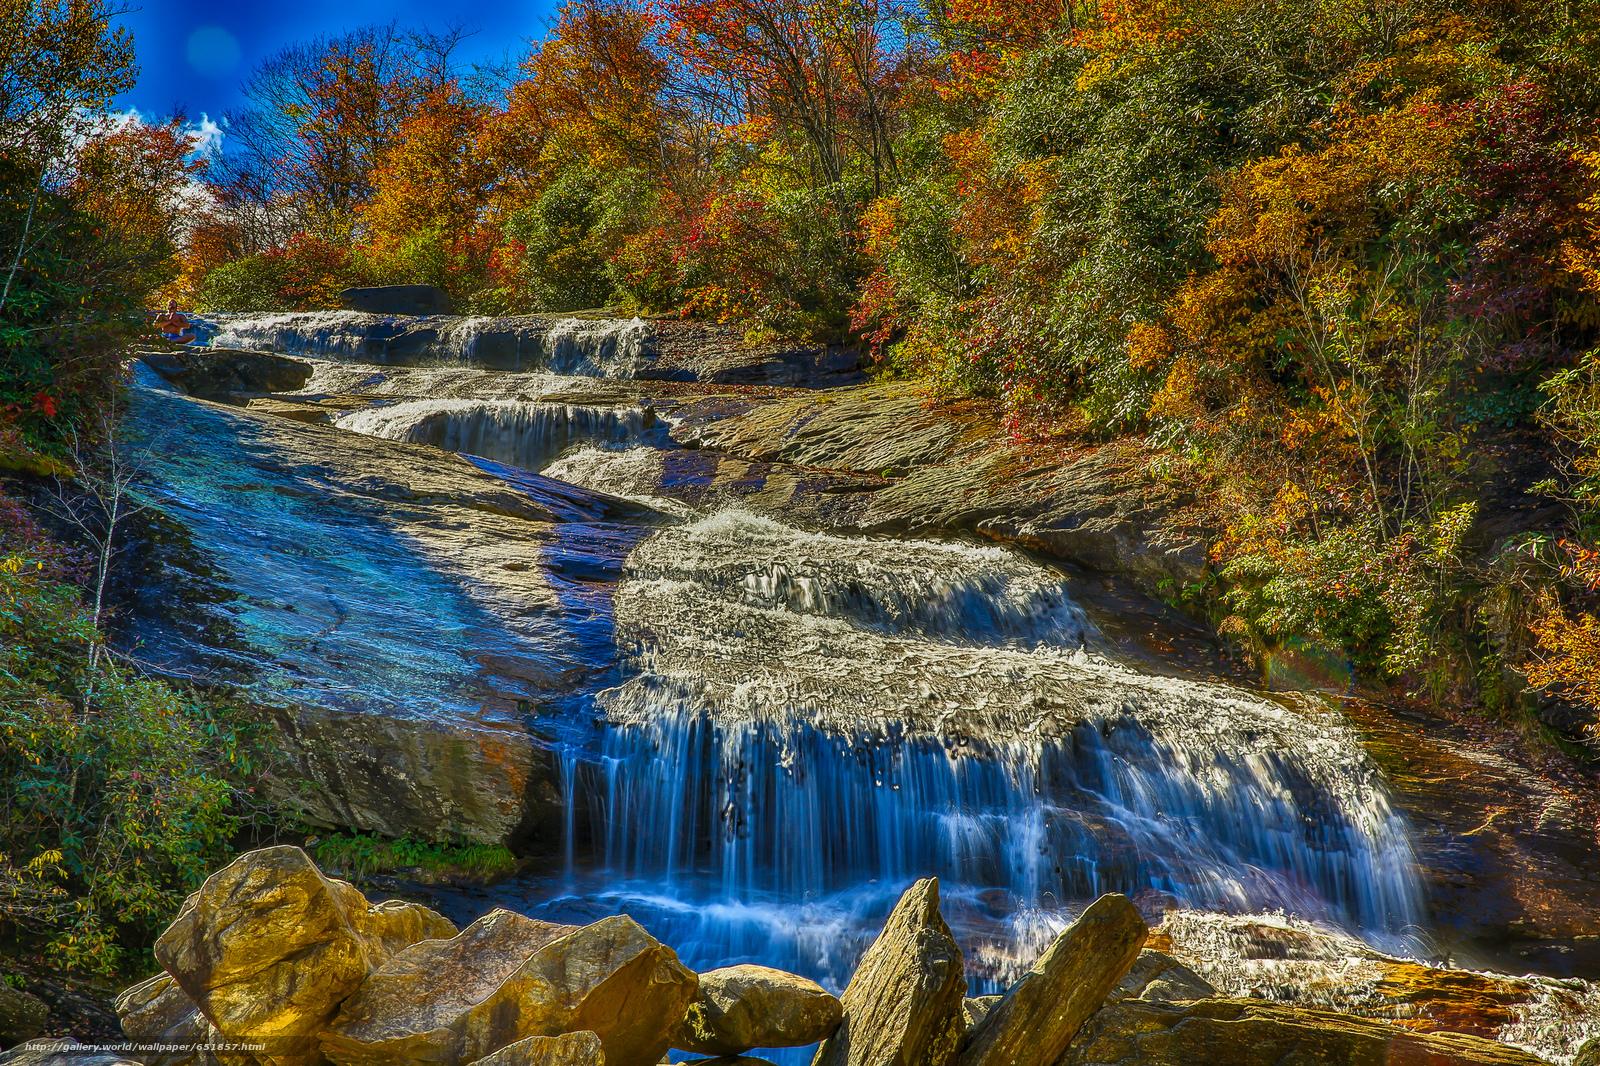 Download Hintergrund Wasserfall,  Rocks,  Fluss,  Wald Freie desktop Tapeten in der Auflosung 2048x1365 — bild №651857